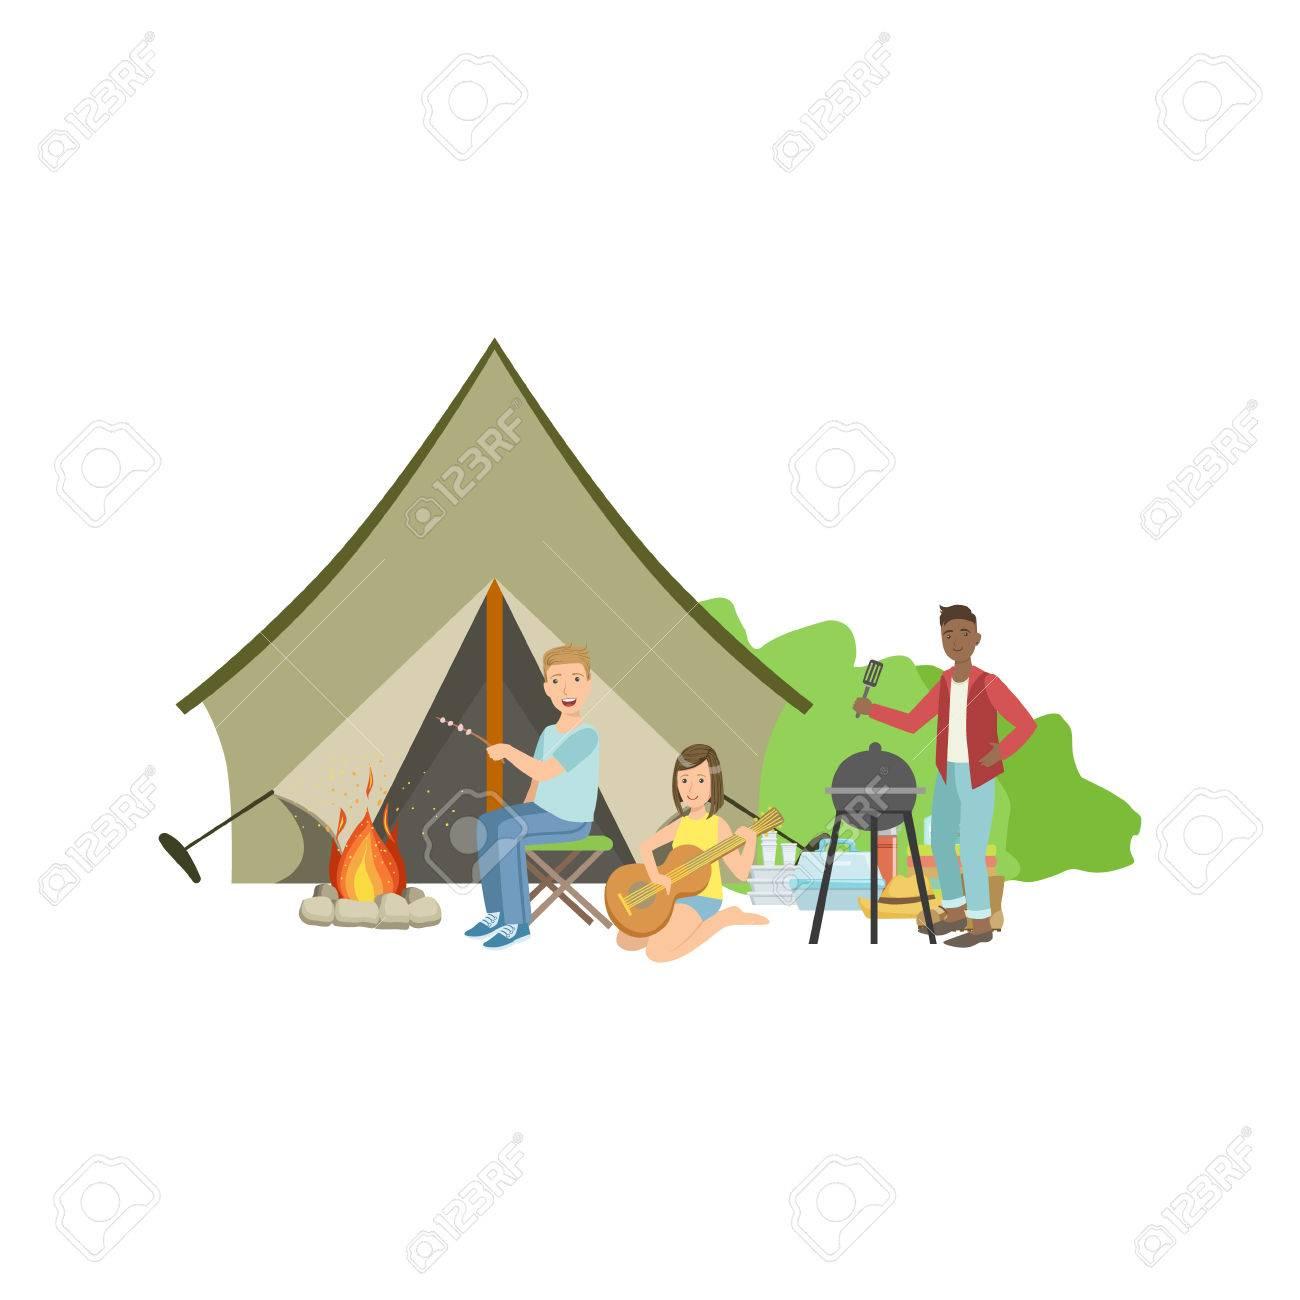 焚き火とテント簡単な幼稚なフラット カラフルなイラスト白い背景の上